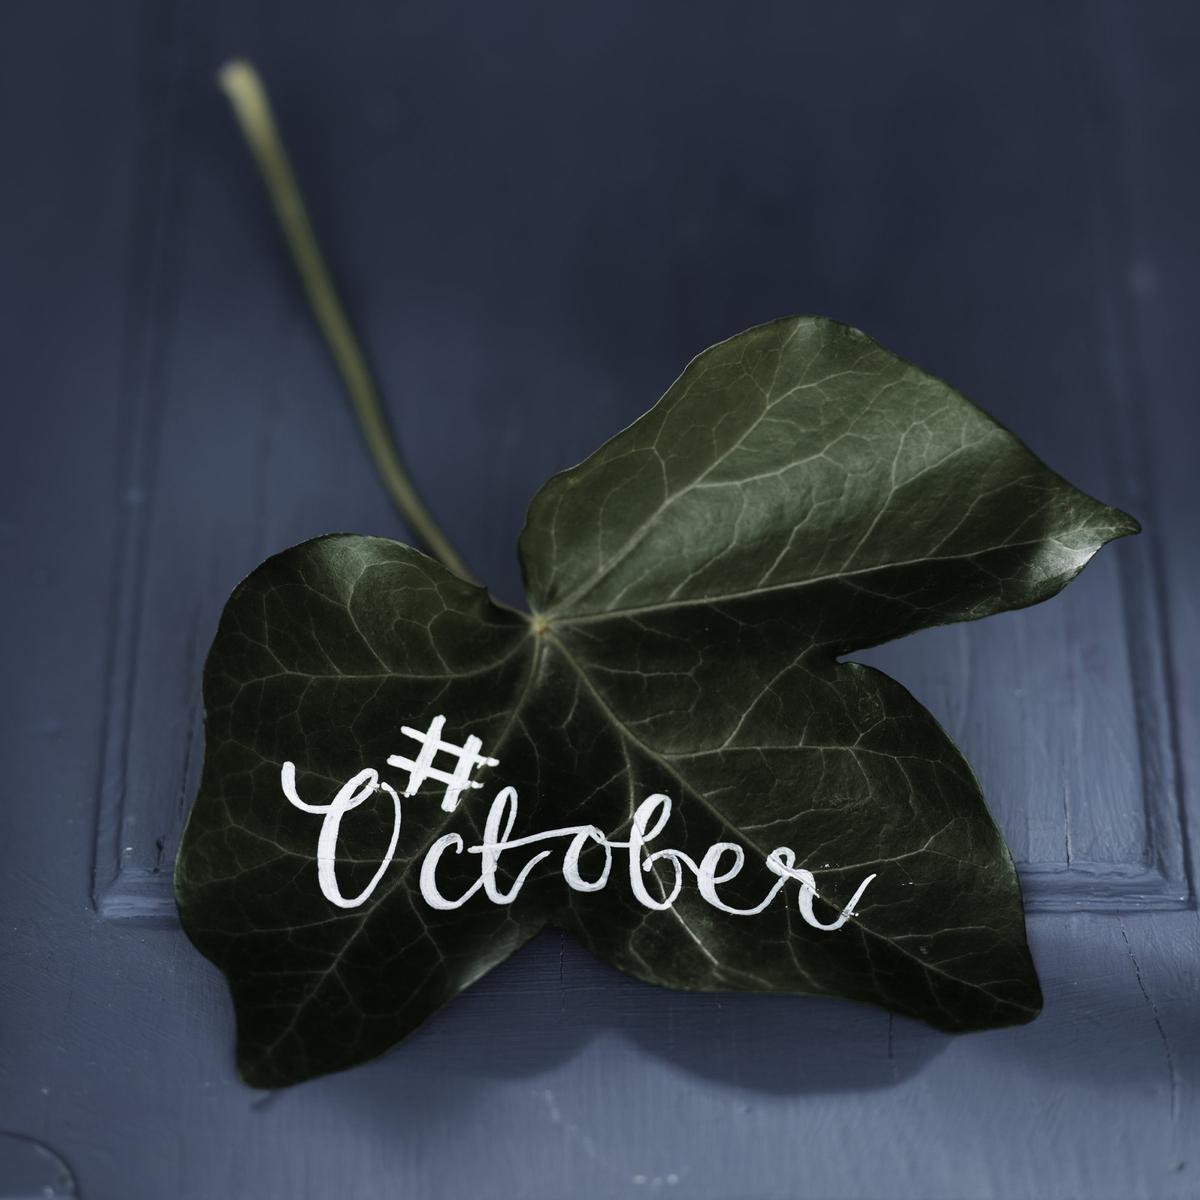 Kan man skriva på löv?